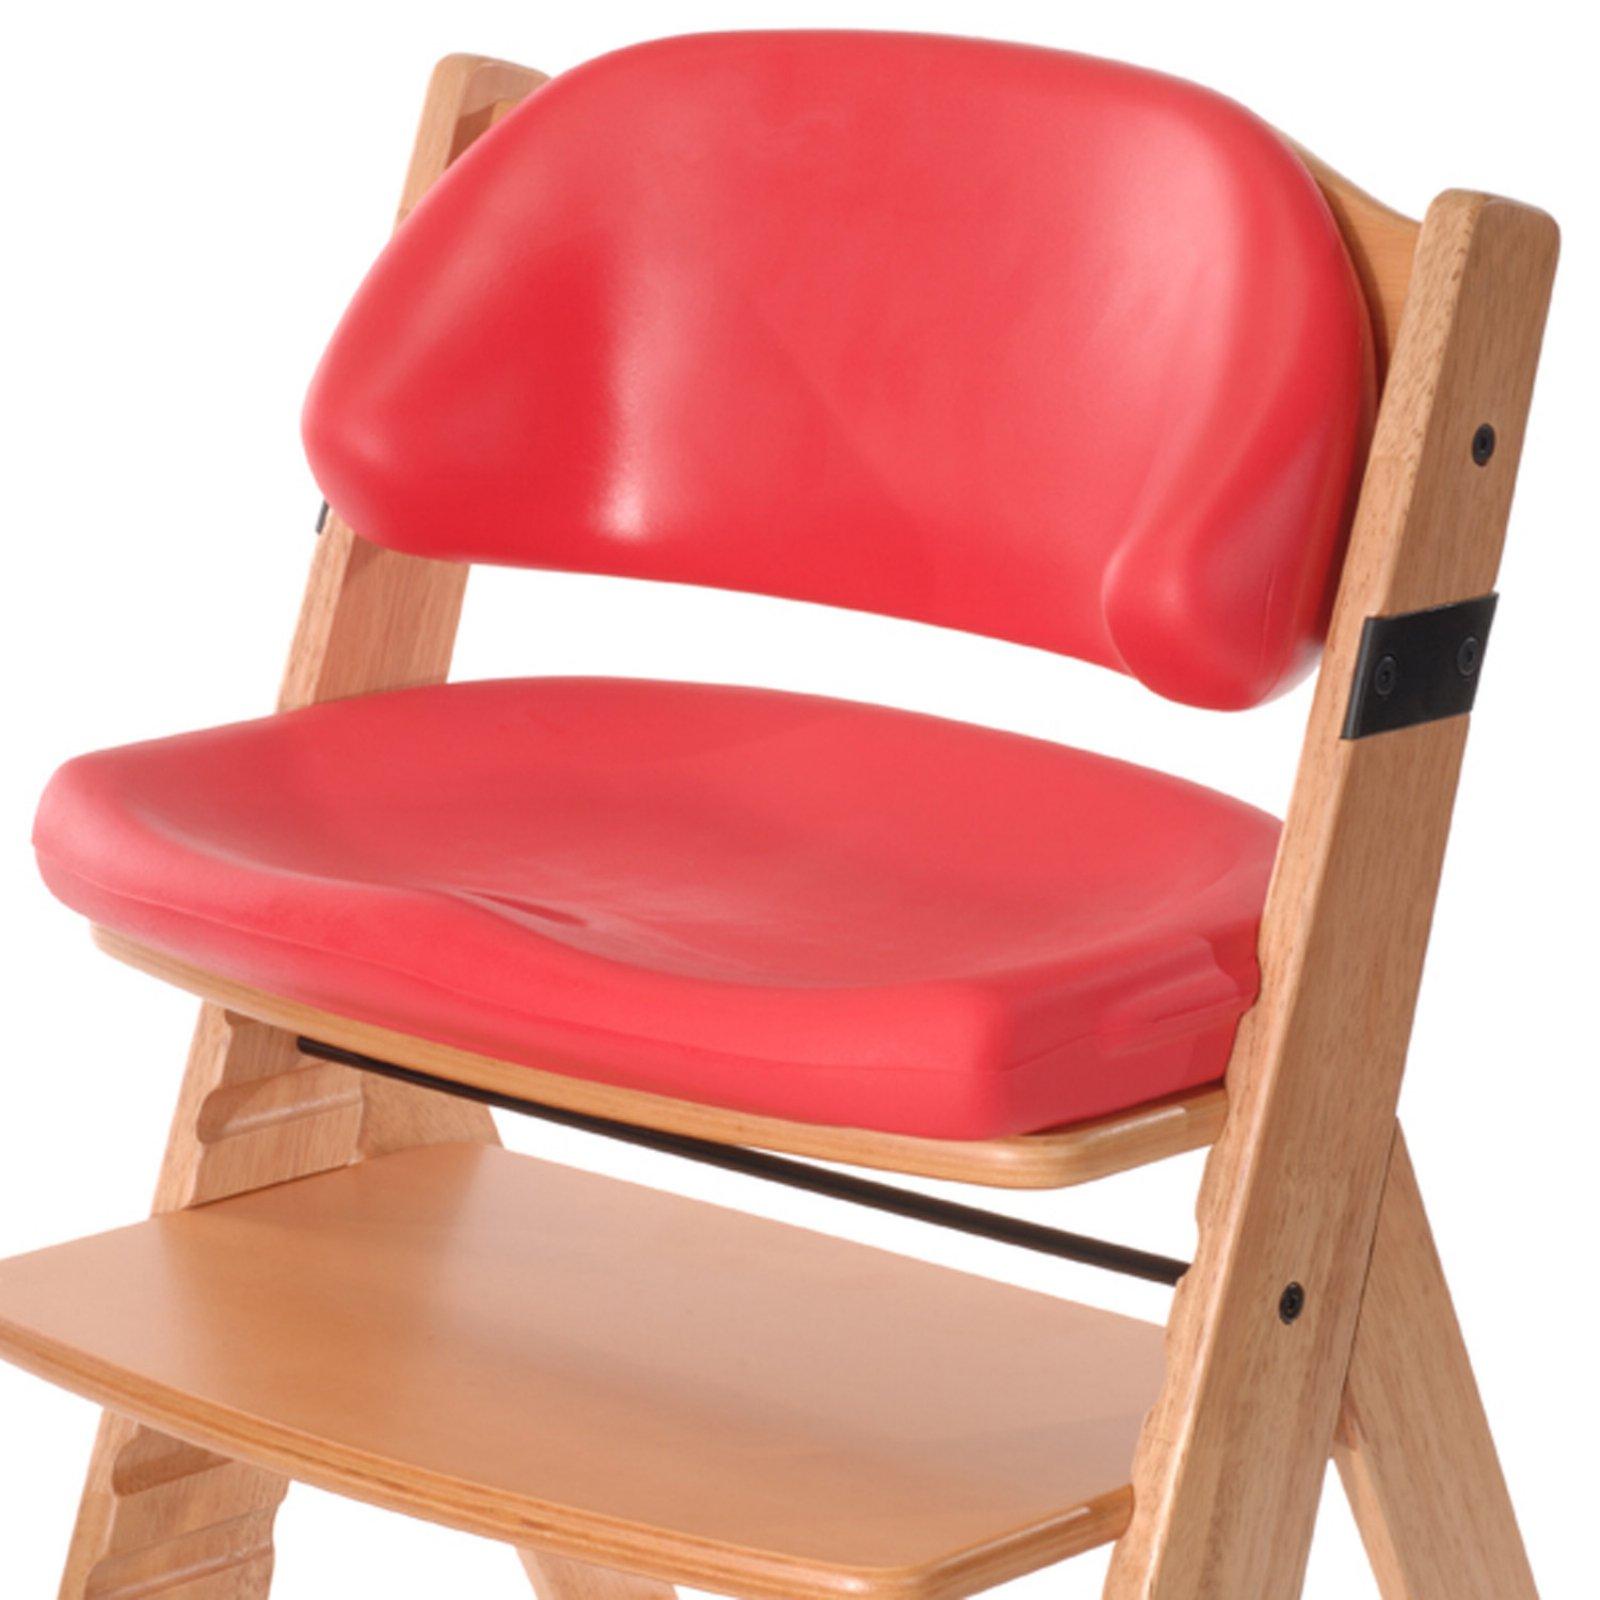 Keekaroo Comfort Cushion Set - Cherry